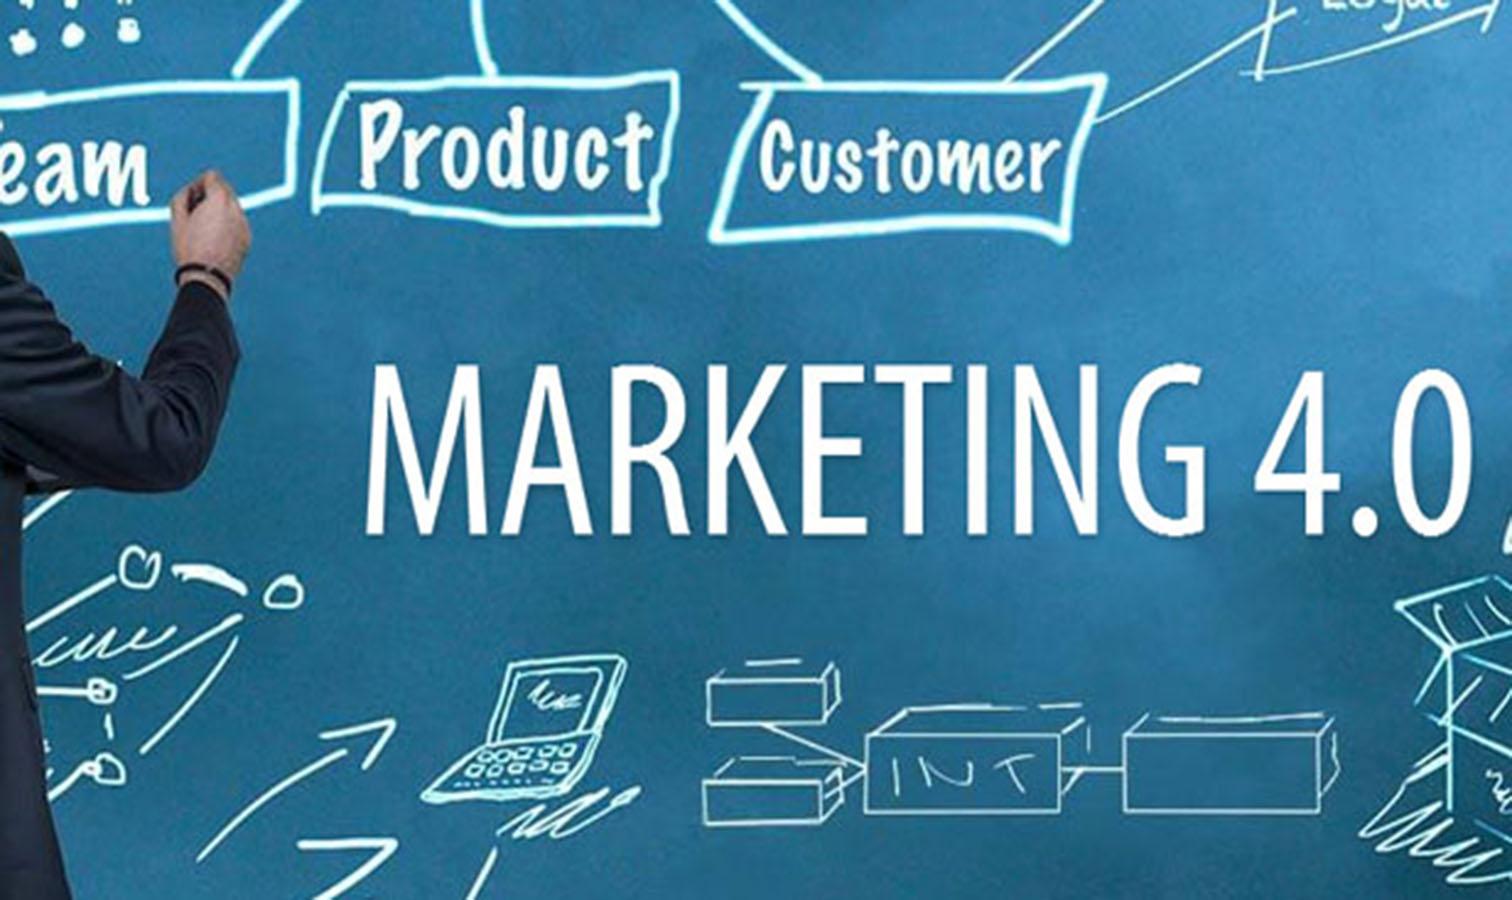 chiến lược Marketing cho sản phẩm mới nhanh nhất